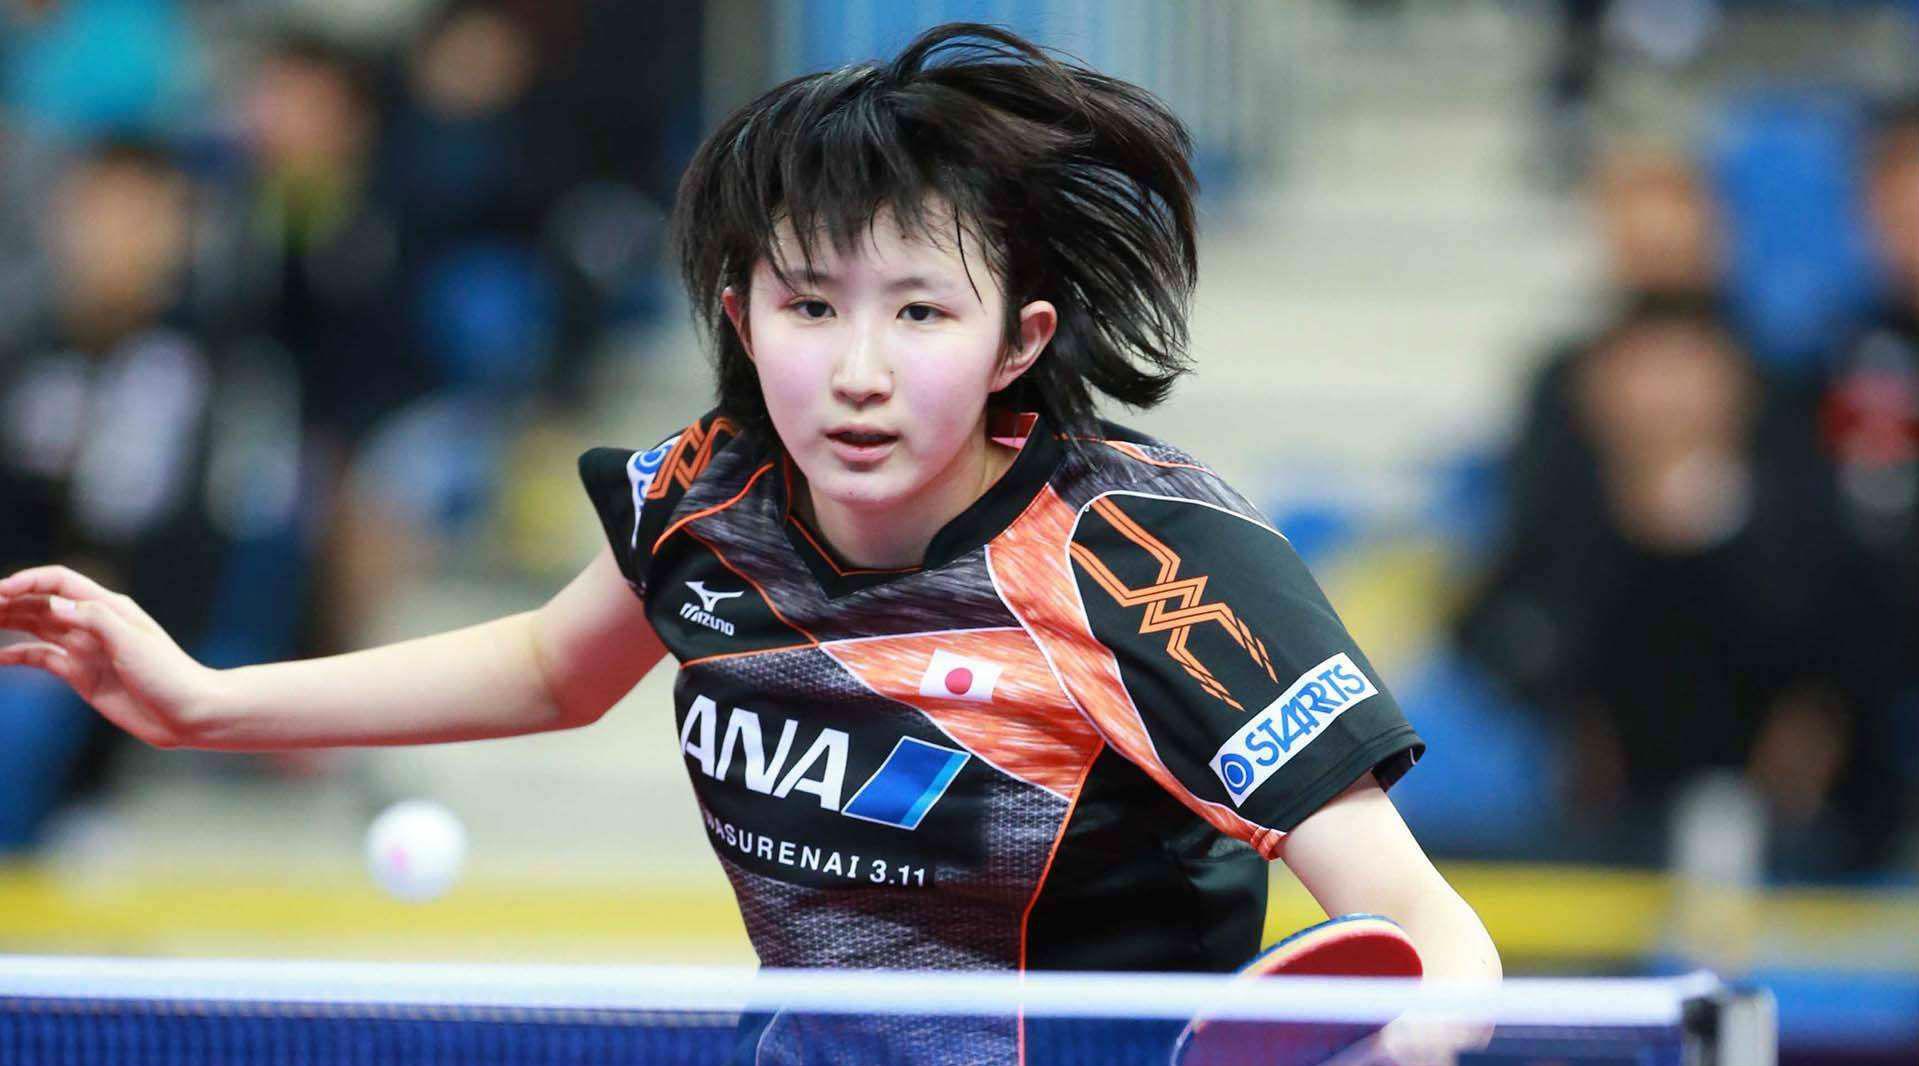 日本期待东京奥运夺30金  乒羽两个小球项目成突破口